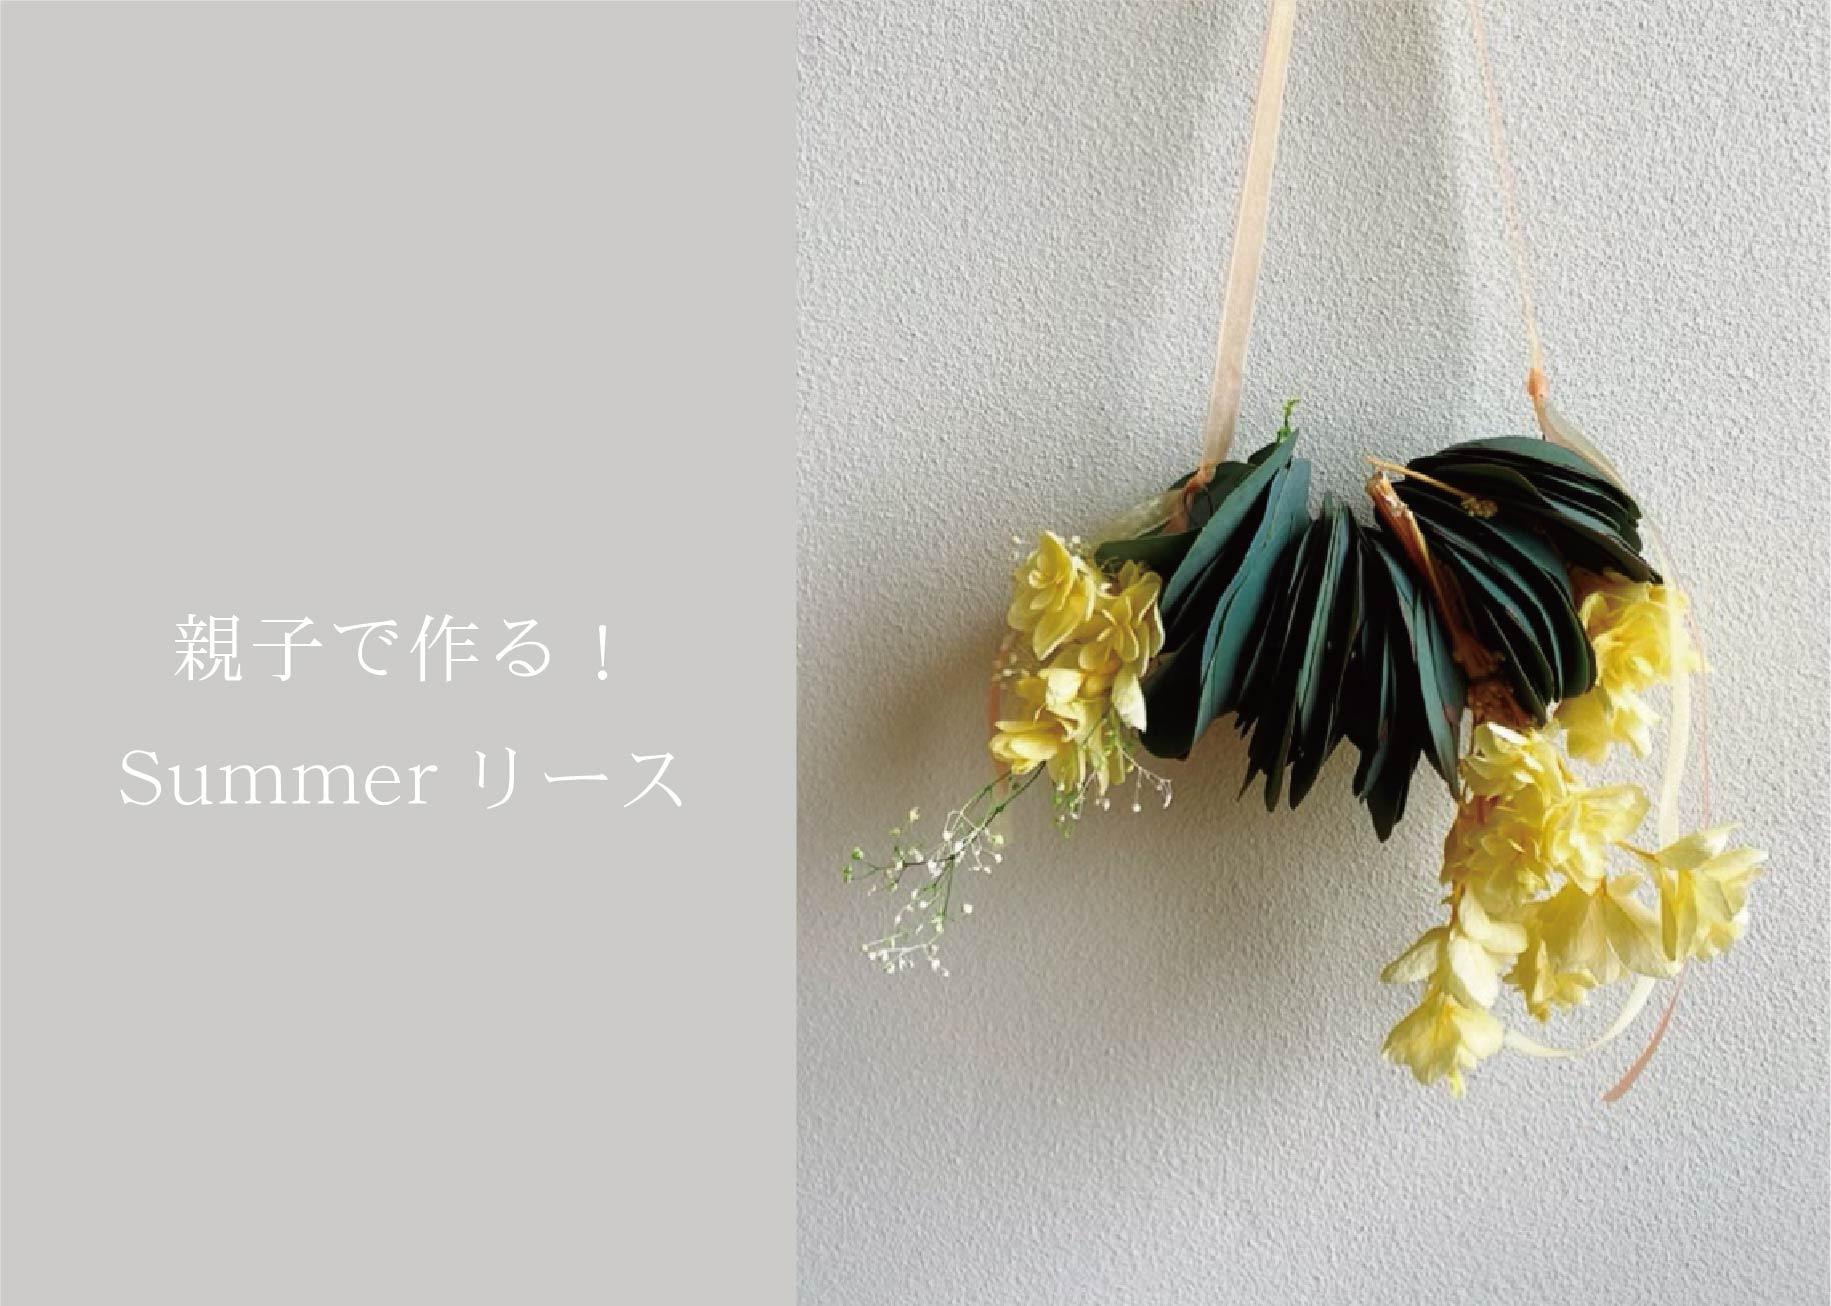 親子で作る!Summerリース@山口展示場「Large」//8月23日(月)